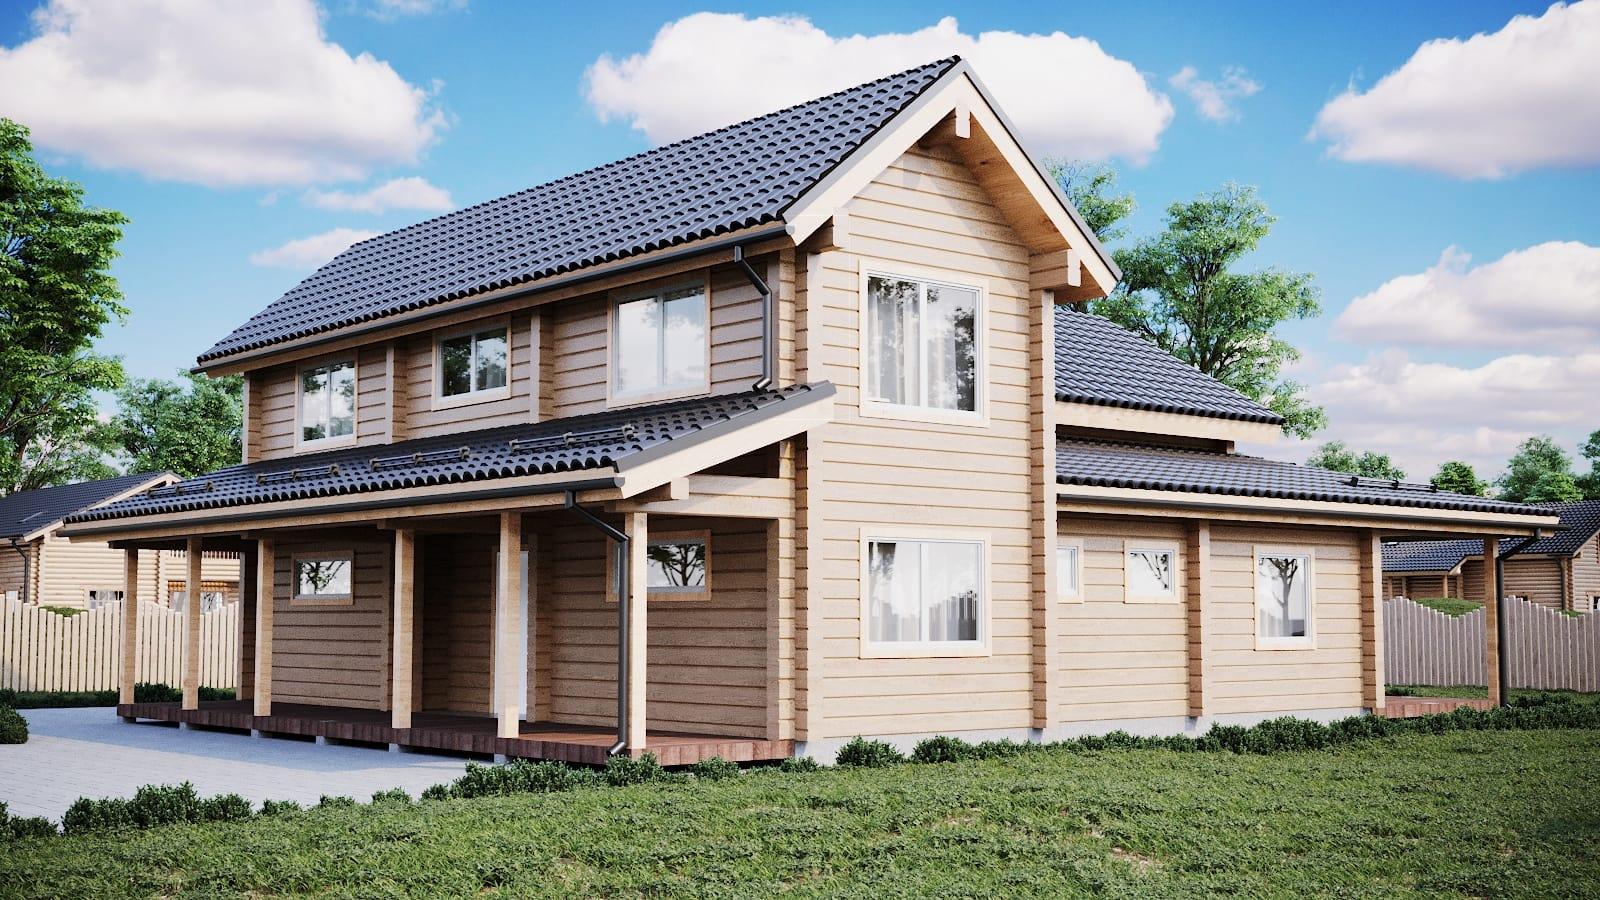 Maison en rondins et madriers - 225m² - 3 chambres - terrasse - AMBRE